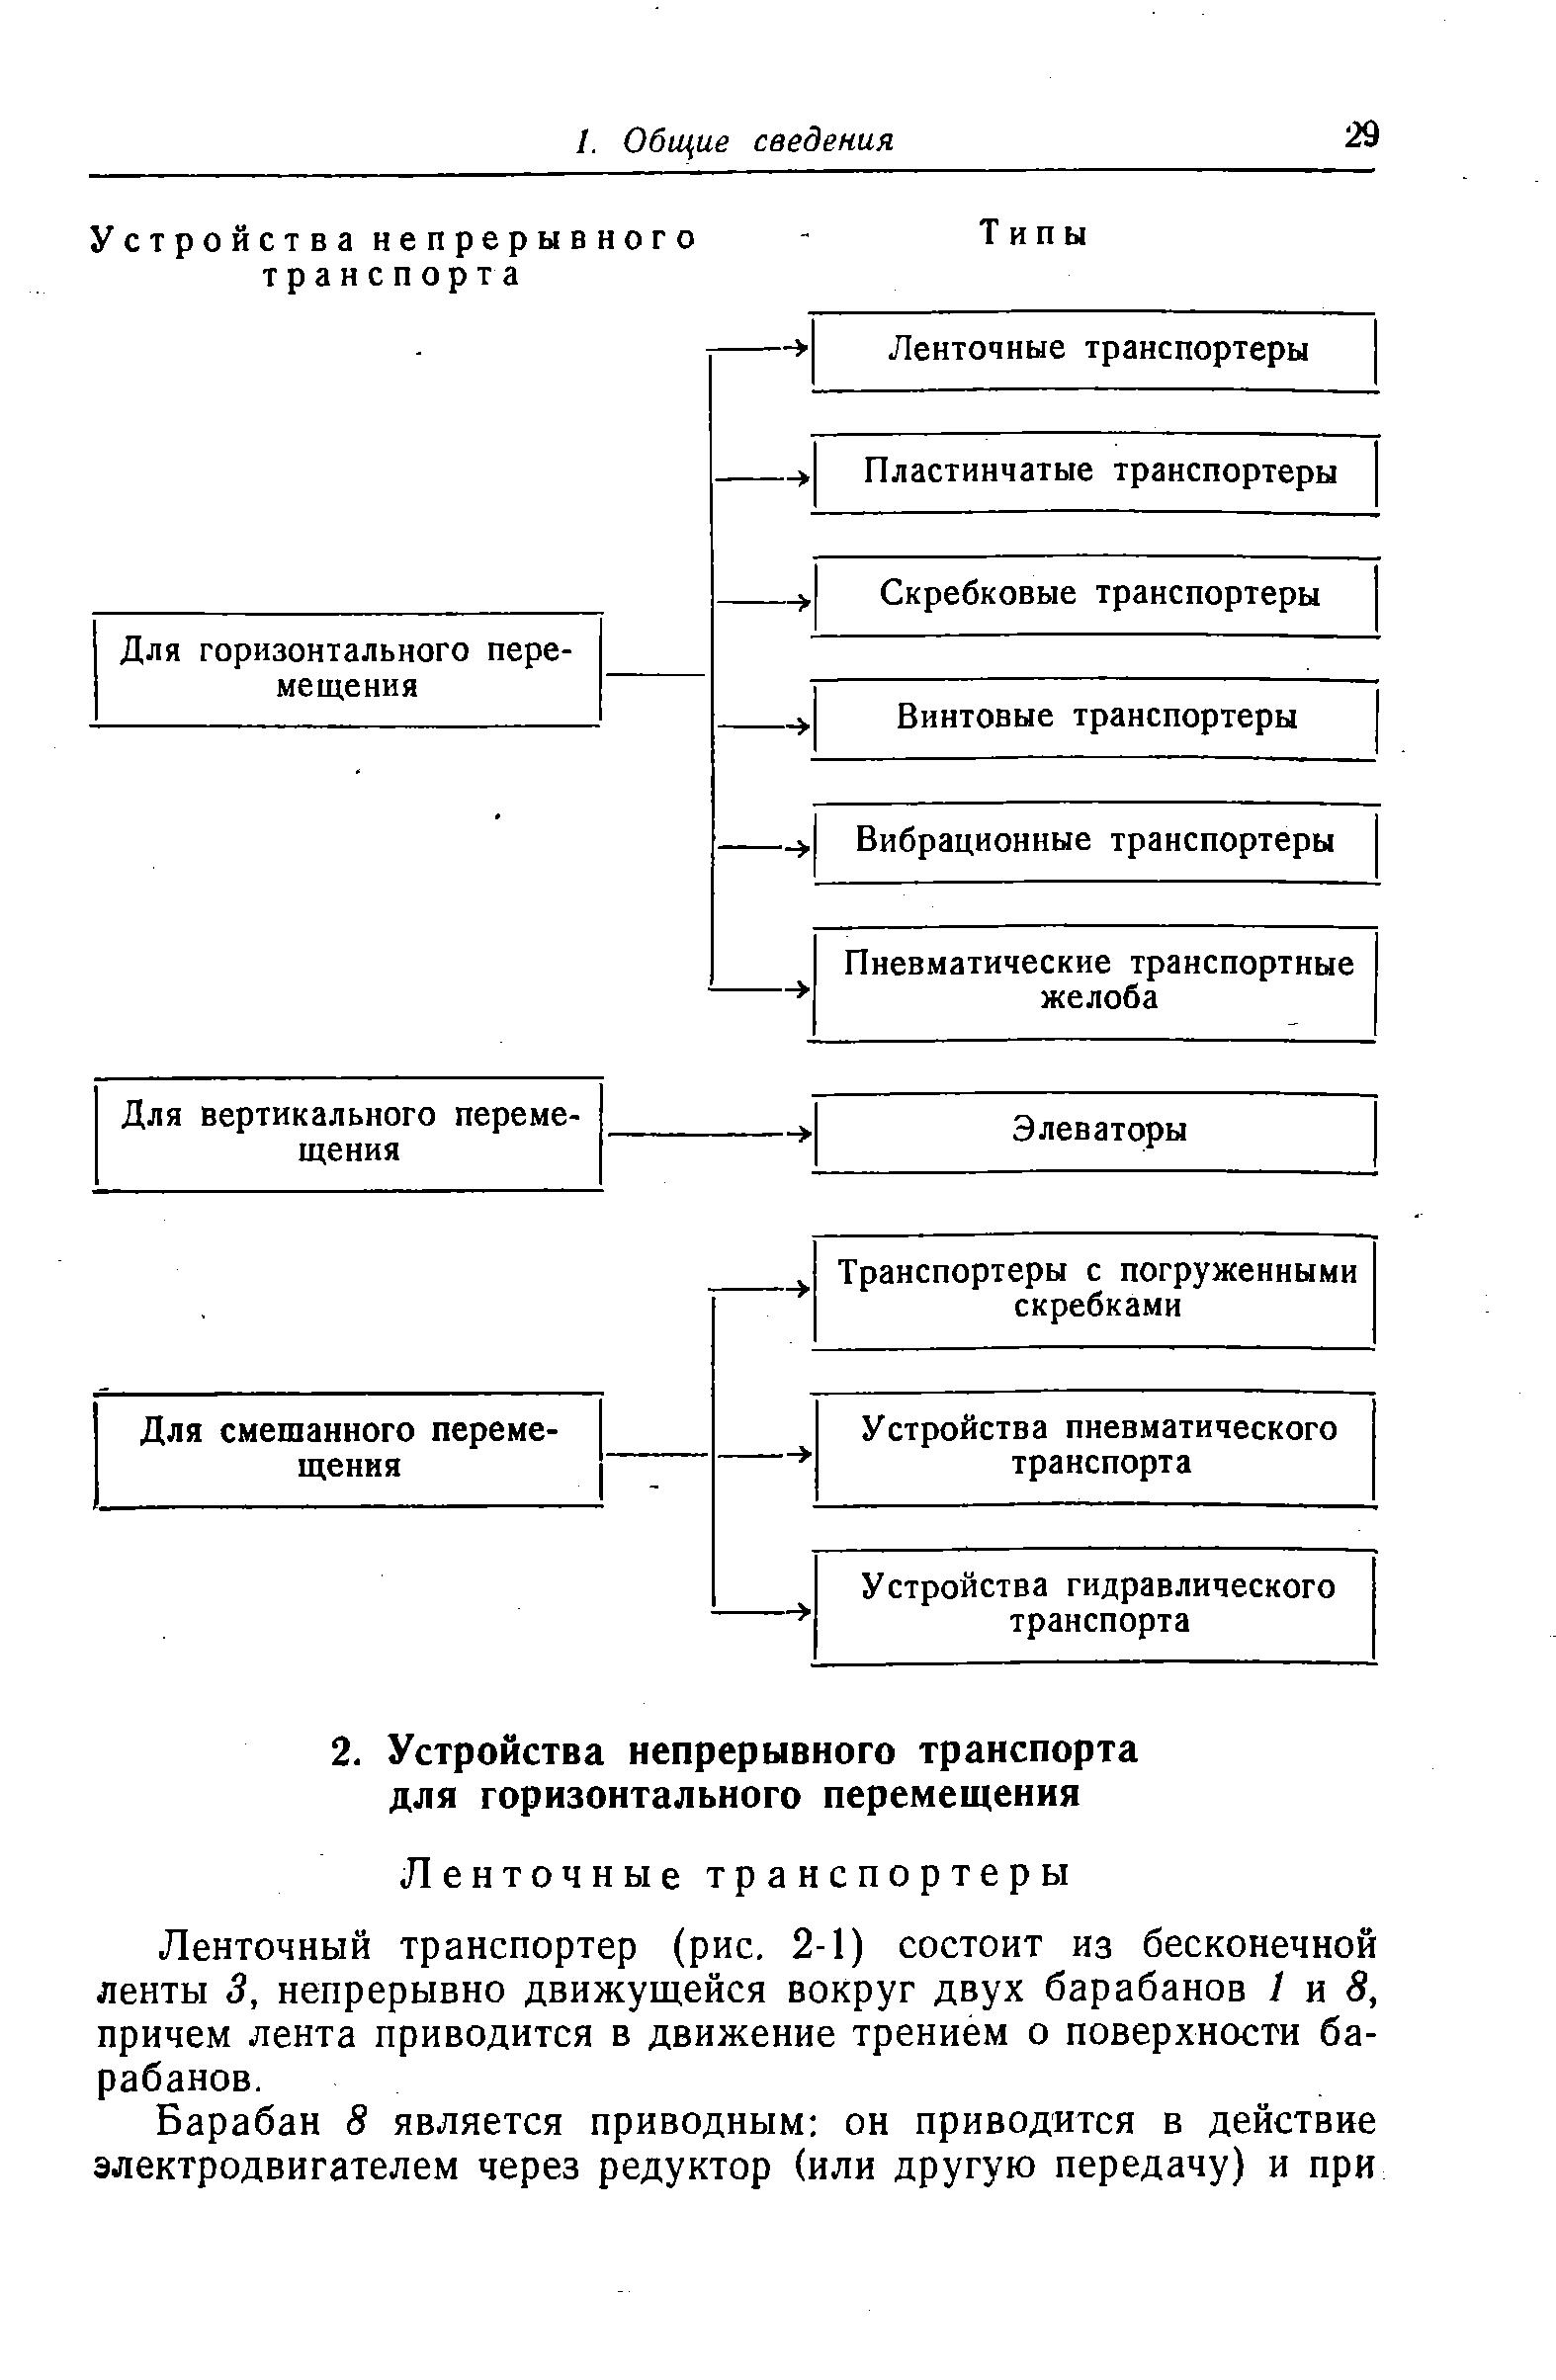 Справочник по транспортерам суппорт на фольксваген транспортер т4